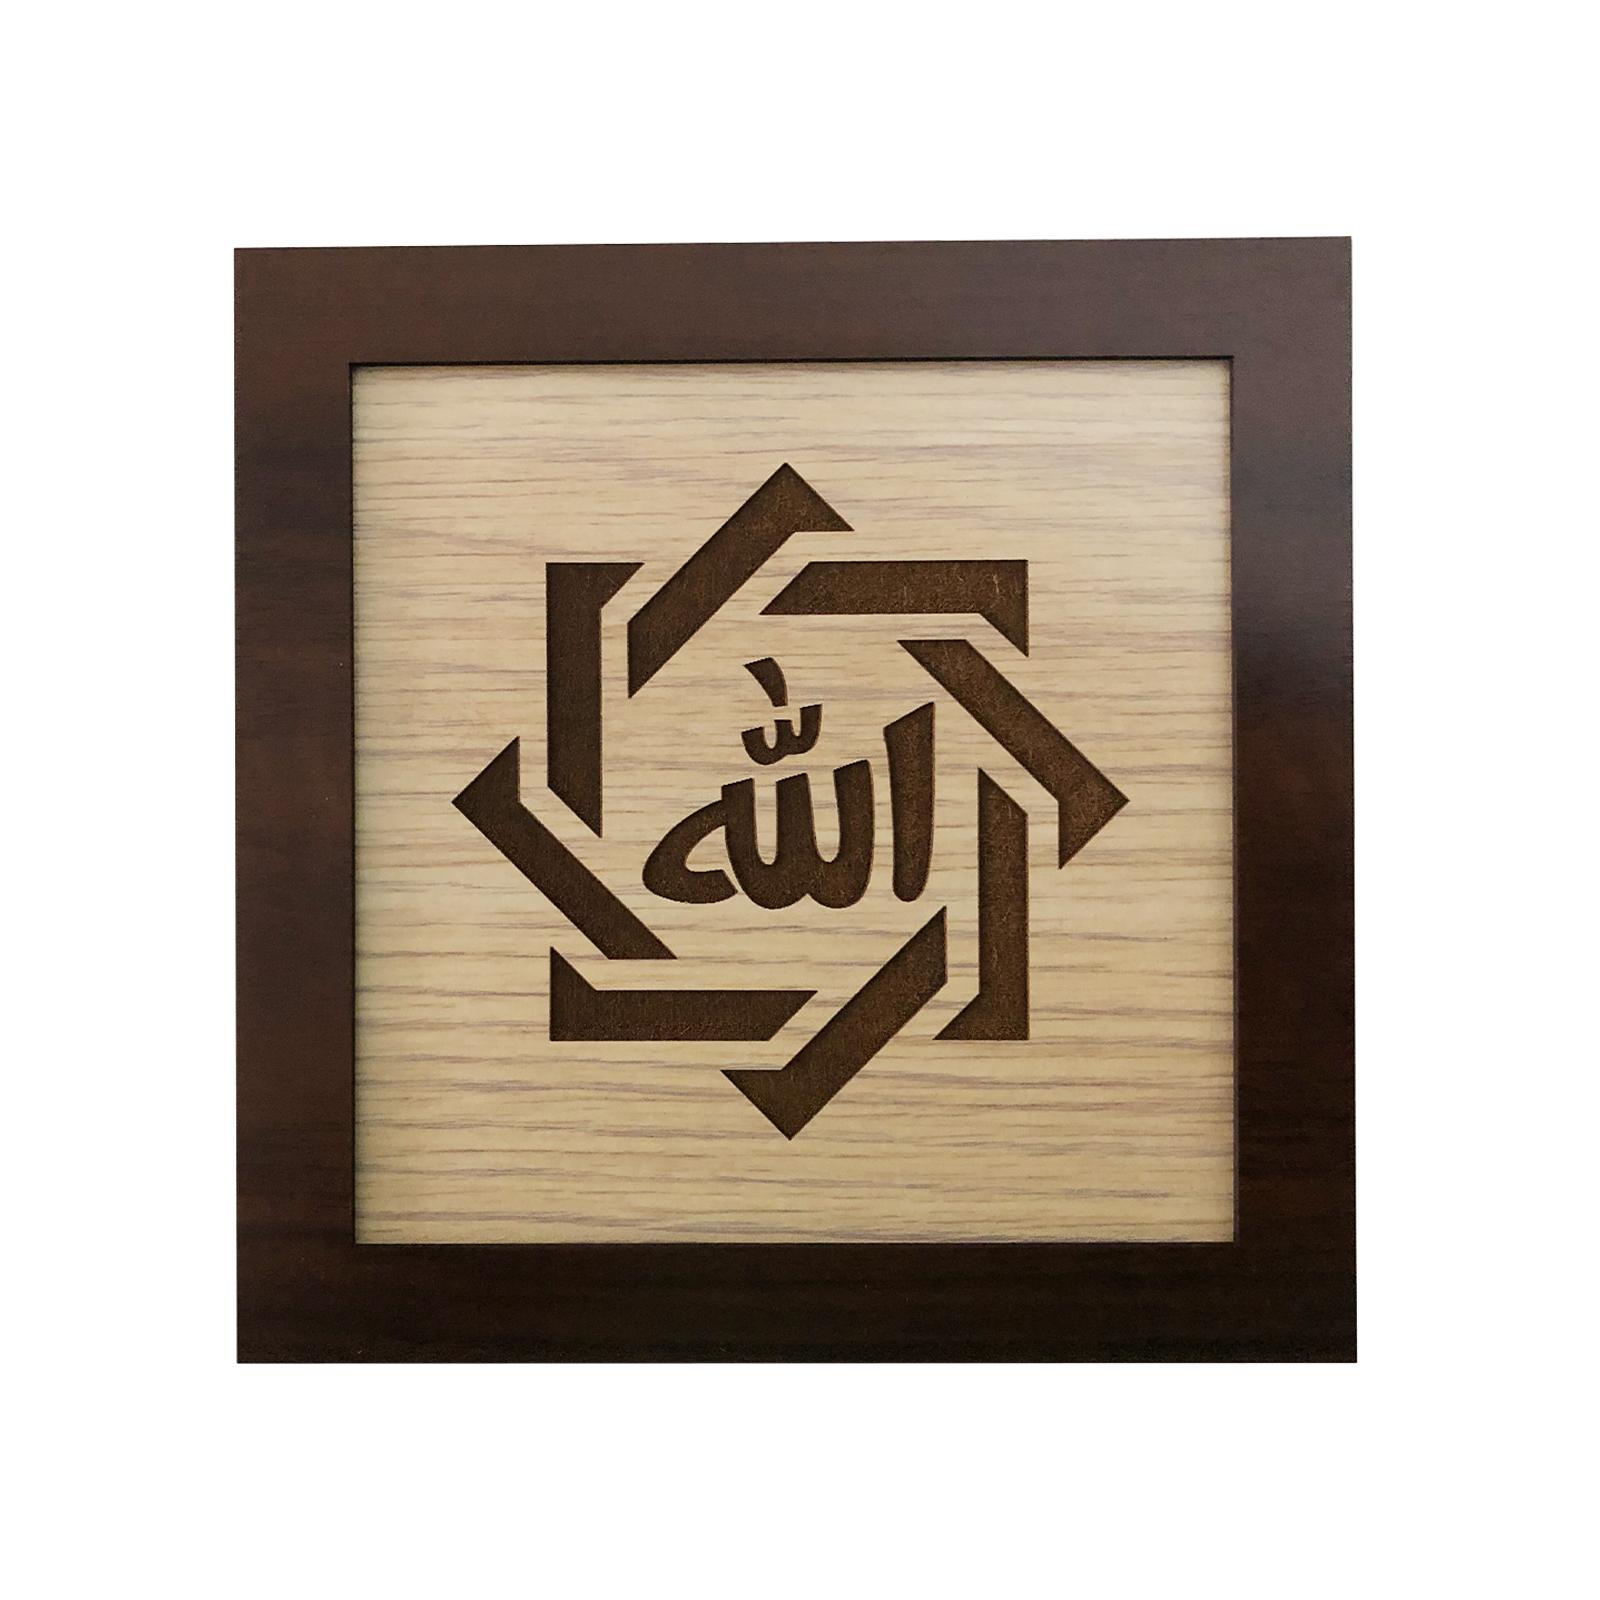 تابلو چوبی طرح الله مدل دل نوشته کد ta24